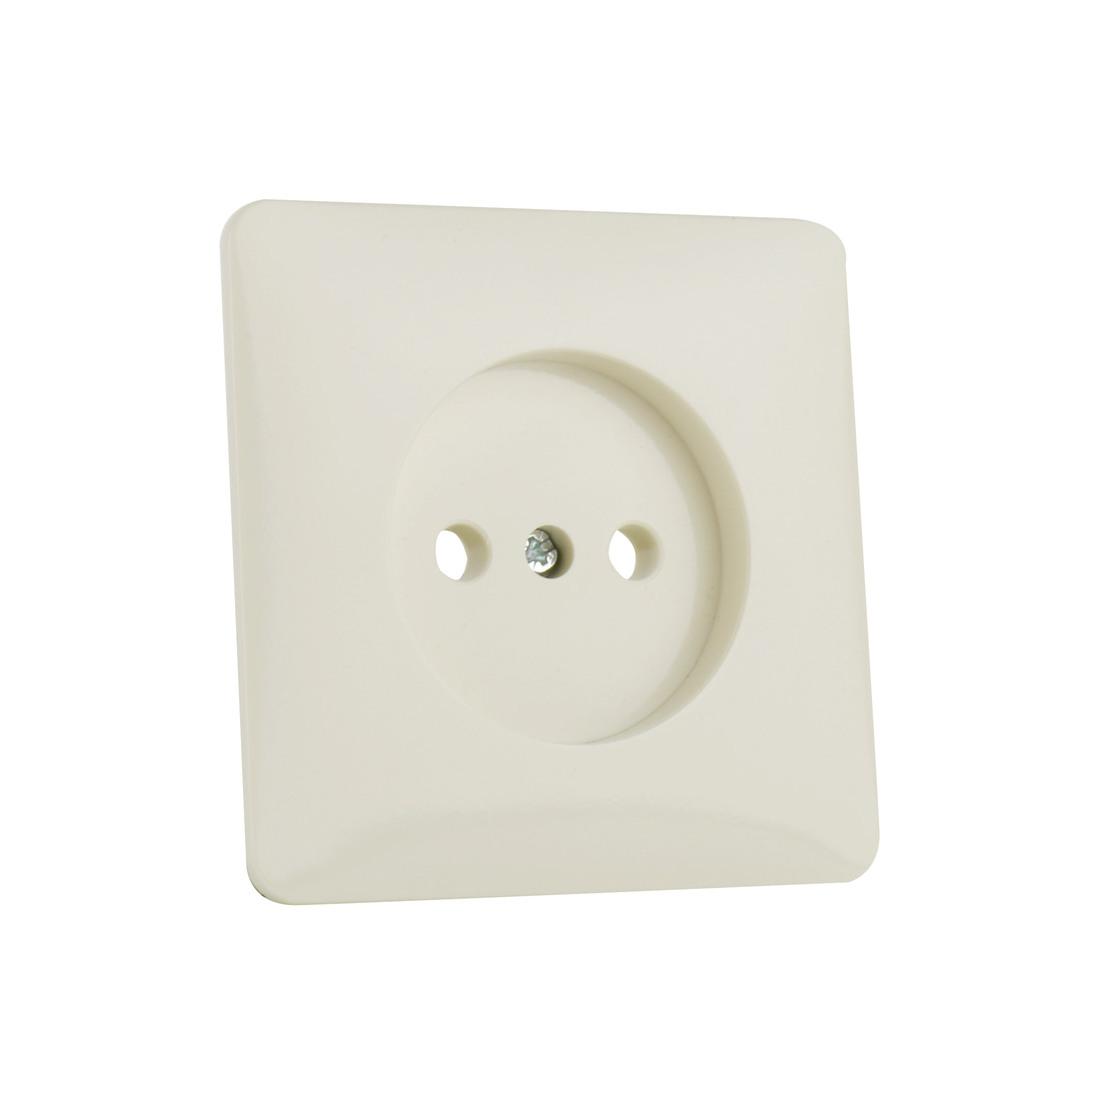 PEHA stopcontact zonder randaarde 1 voudig - standaard crème wit (H 80.1960 W)